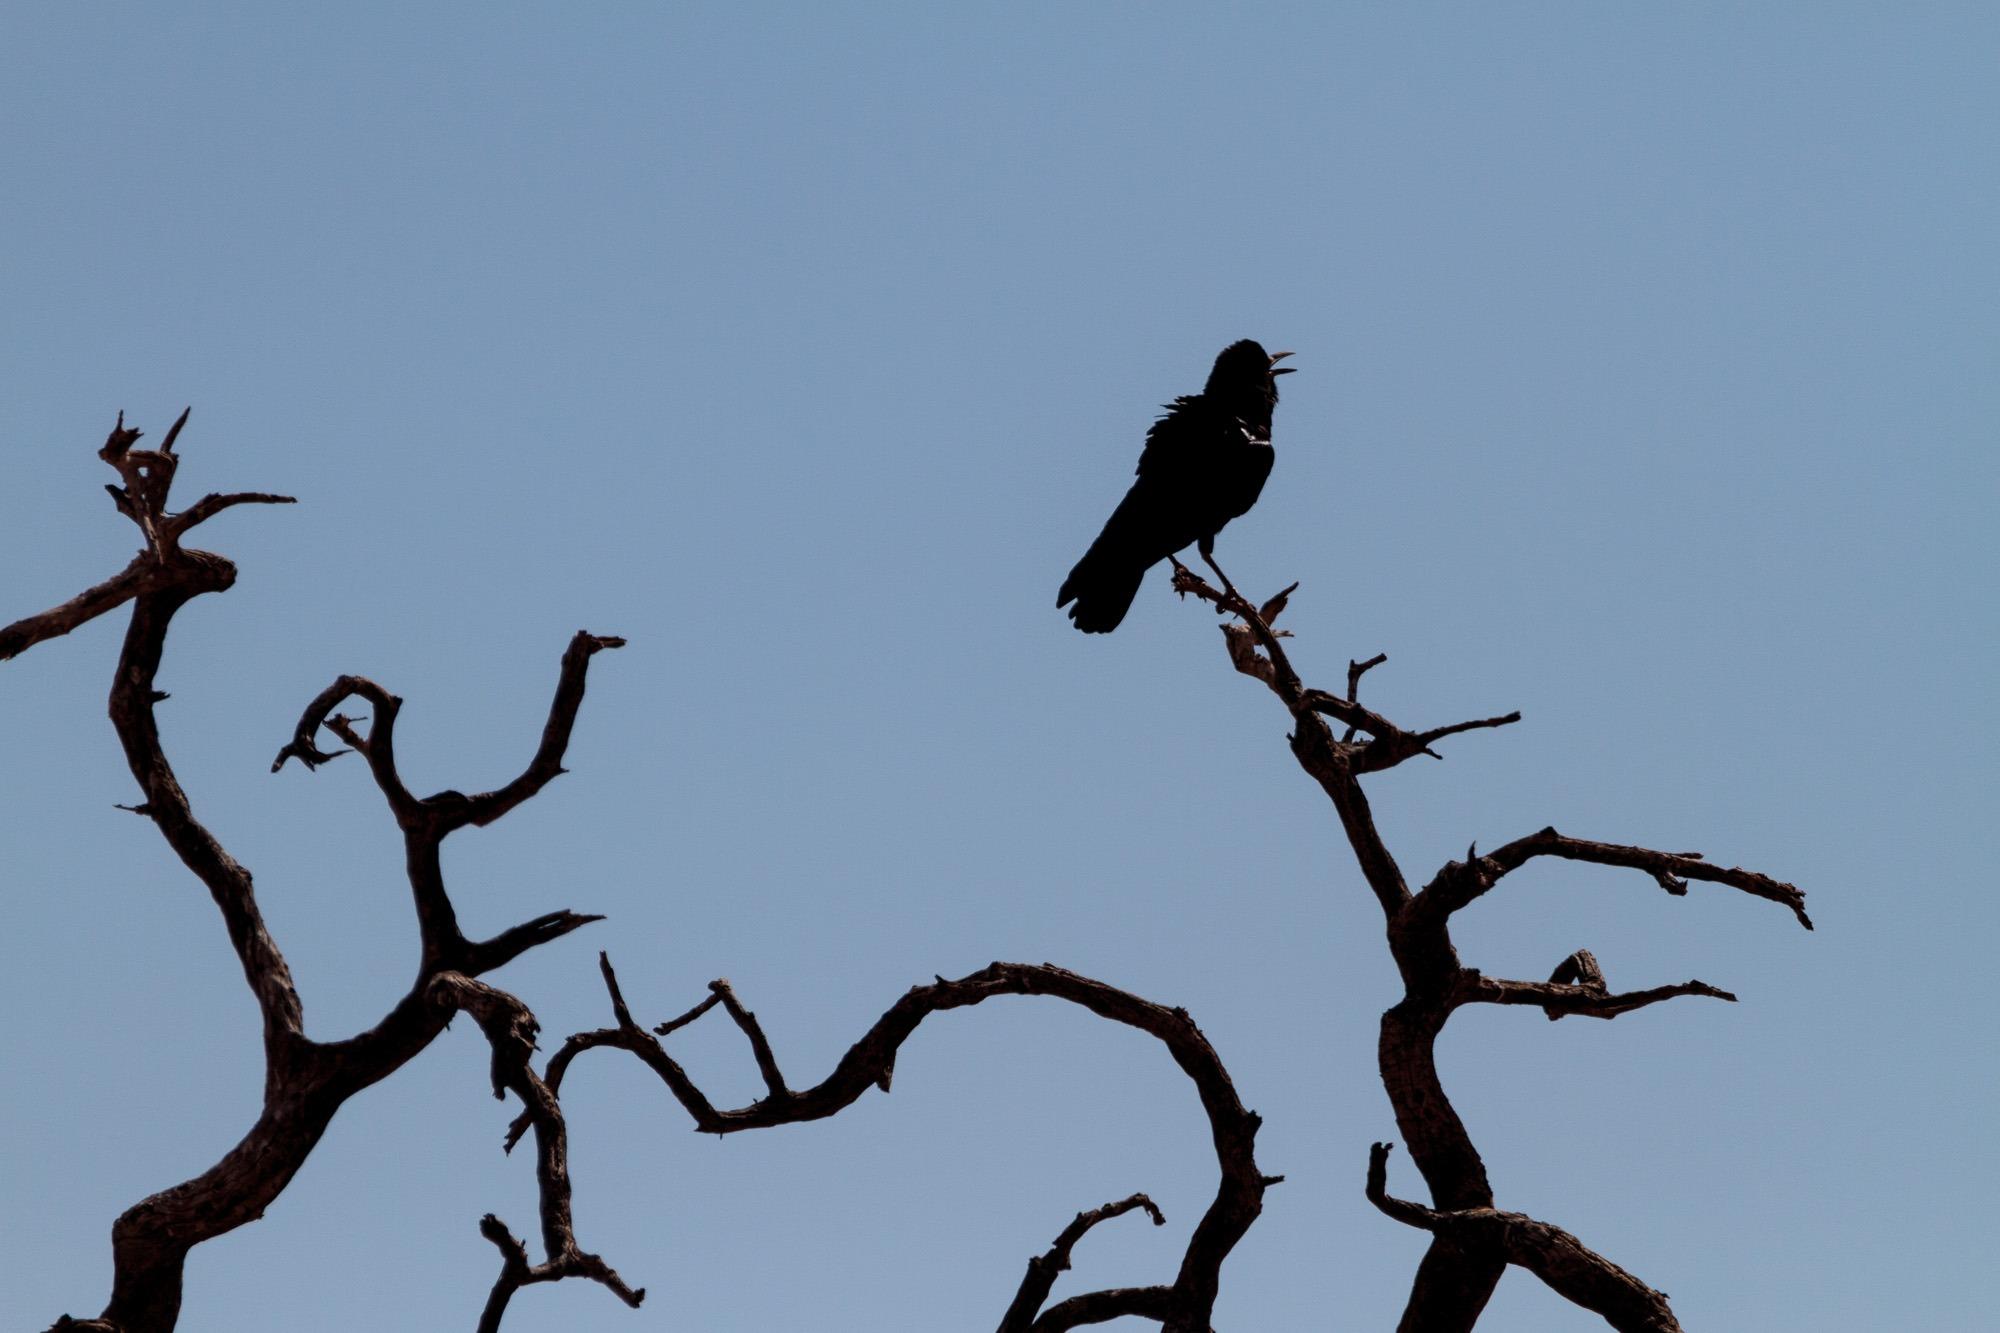 Rabe als Silhouette auf einem Baum